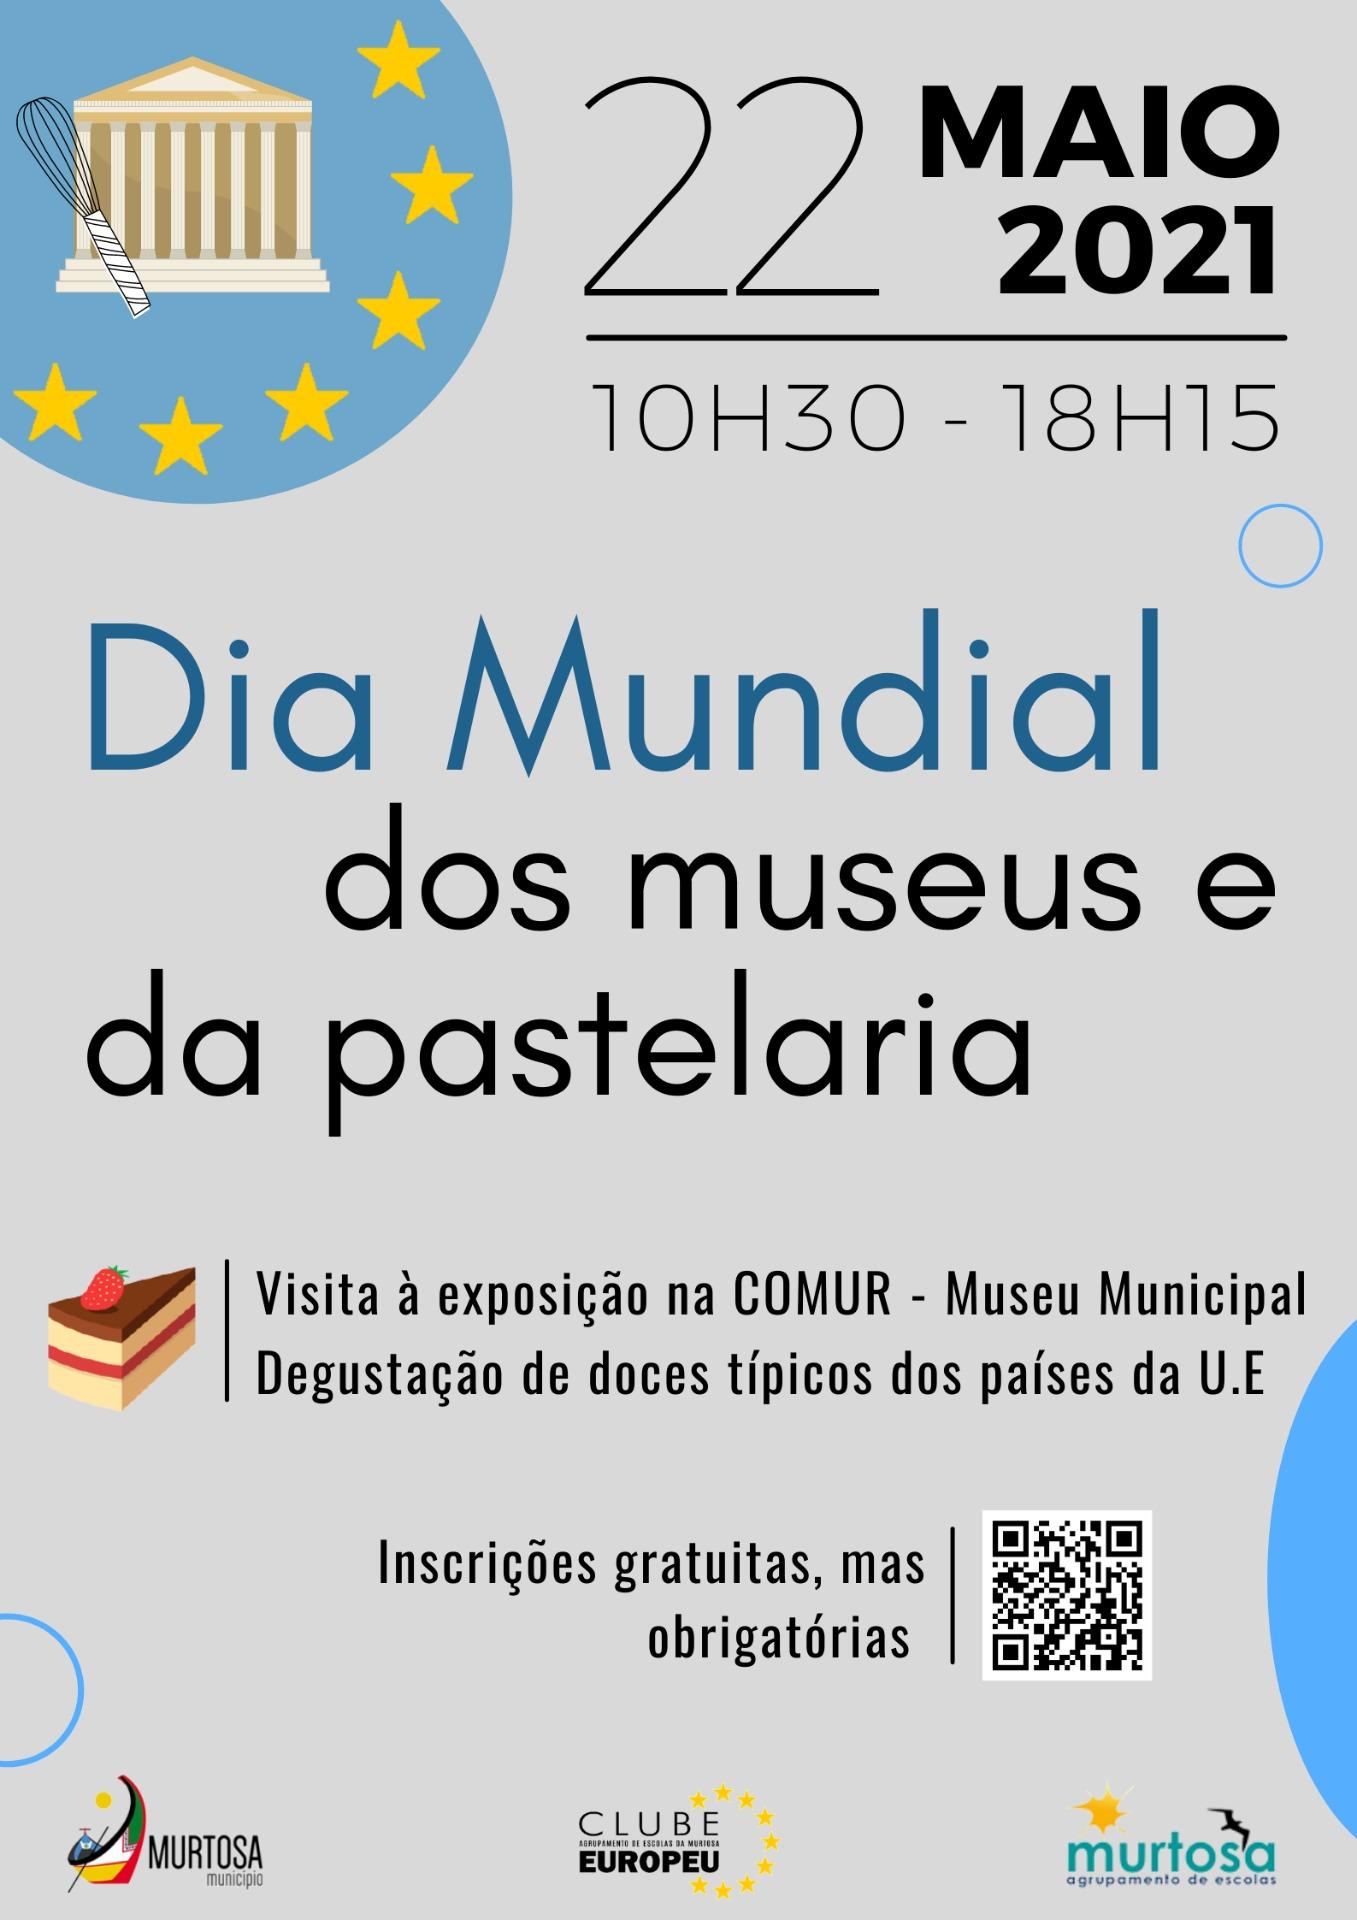 COMEMORAÇÕES DO DIA MUNDIAL DOS MUSEUS E DA PASTELARIA